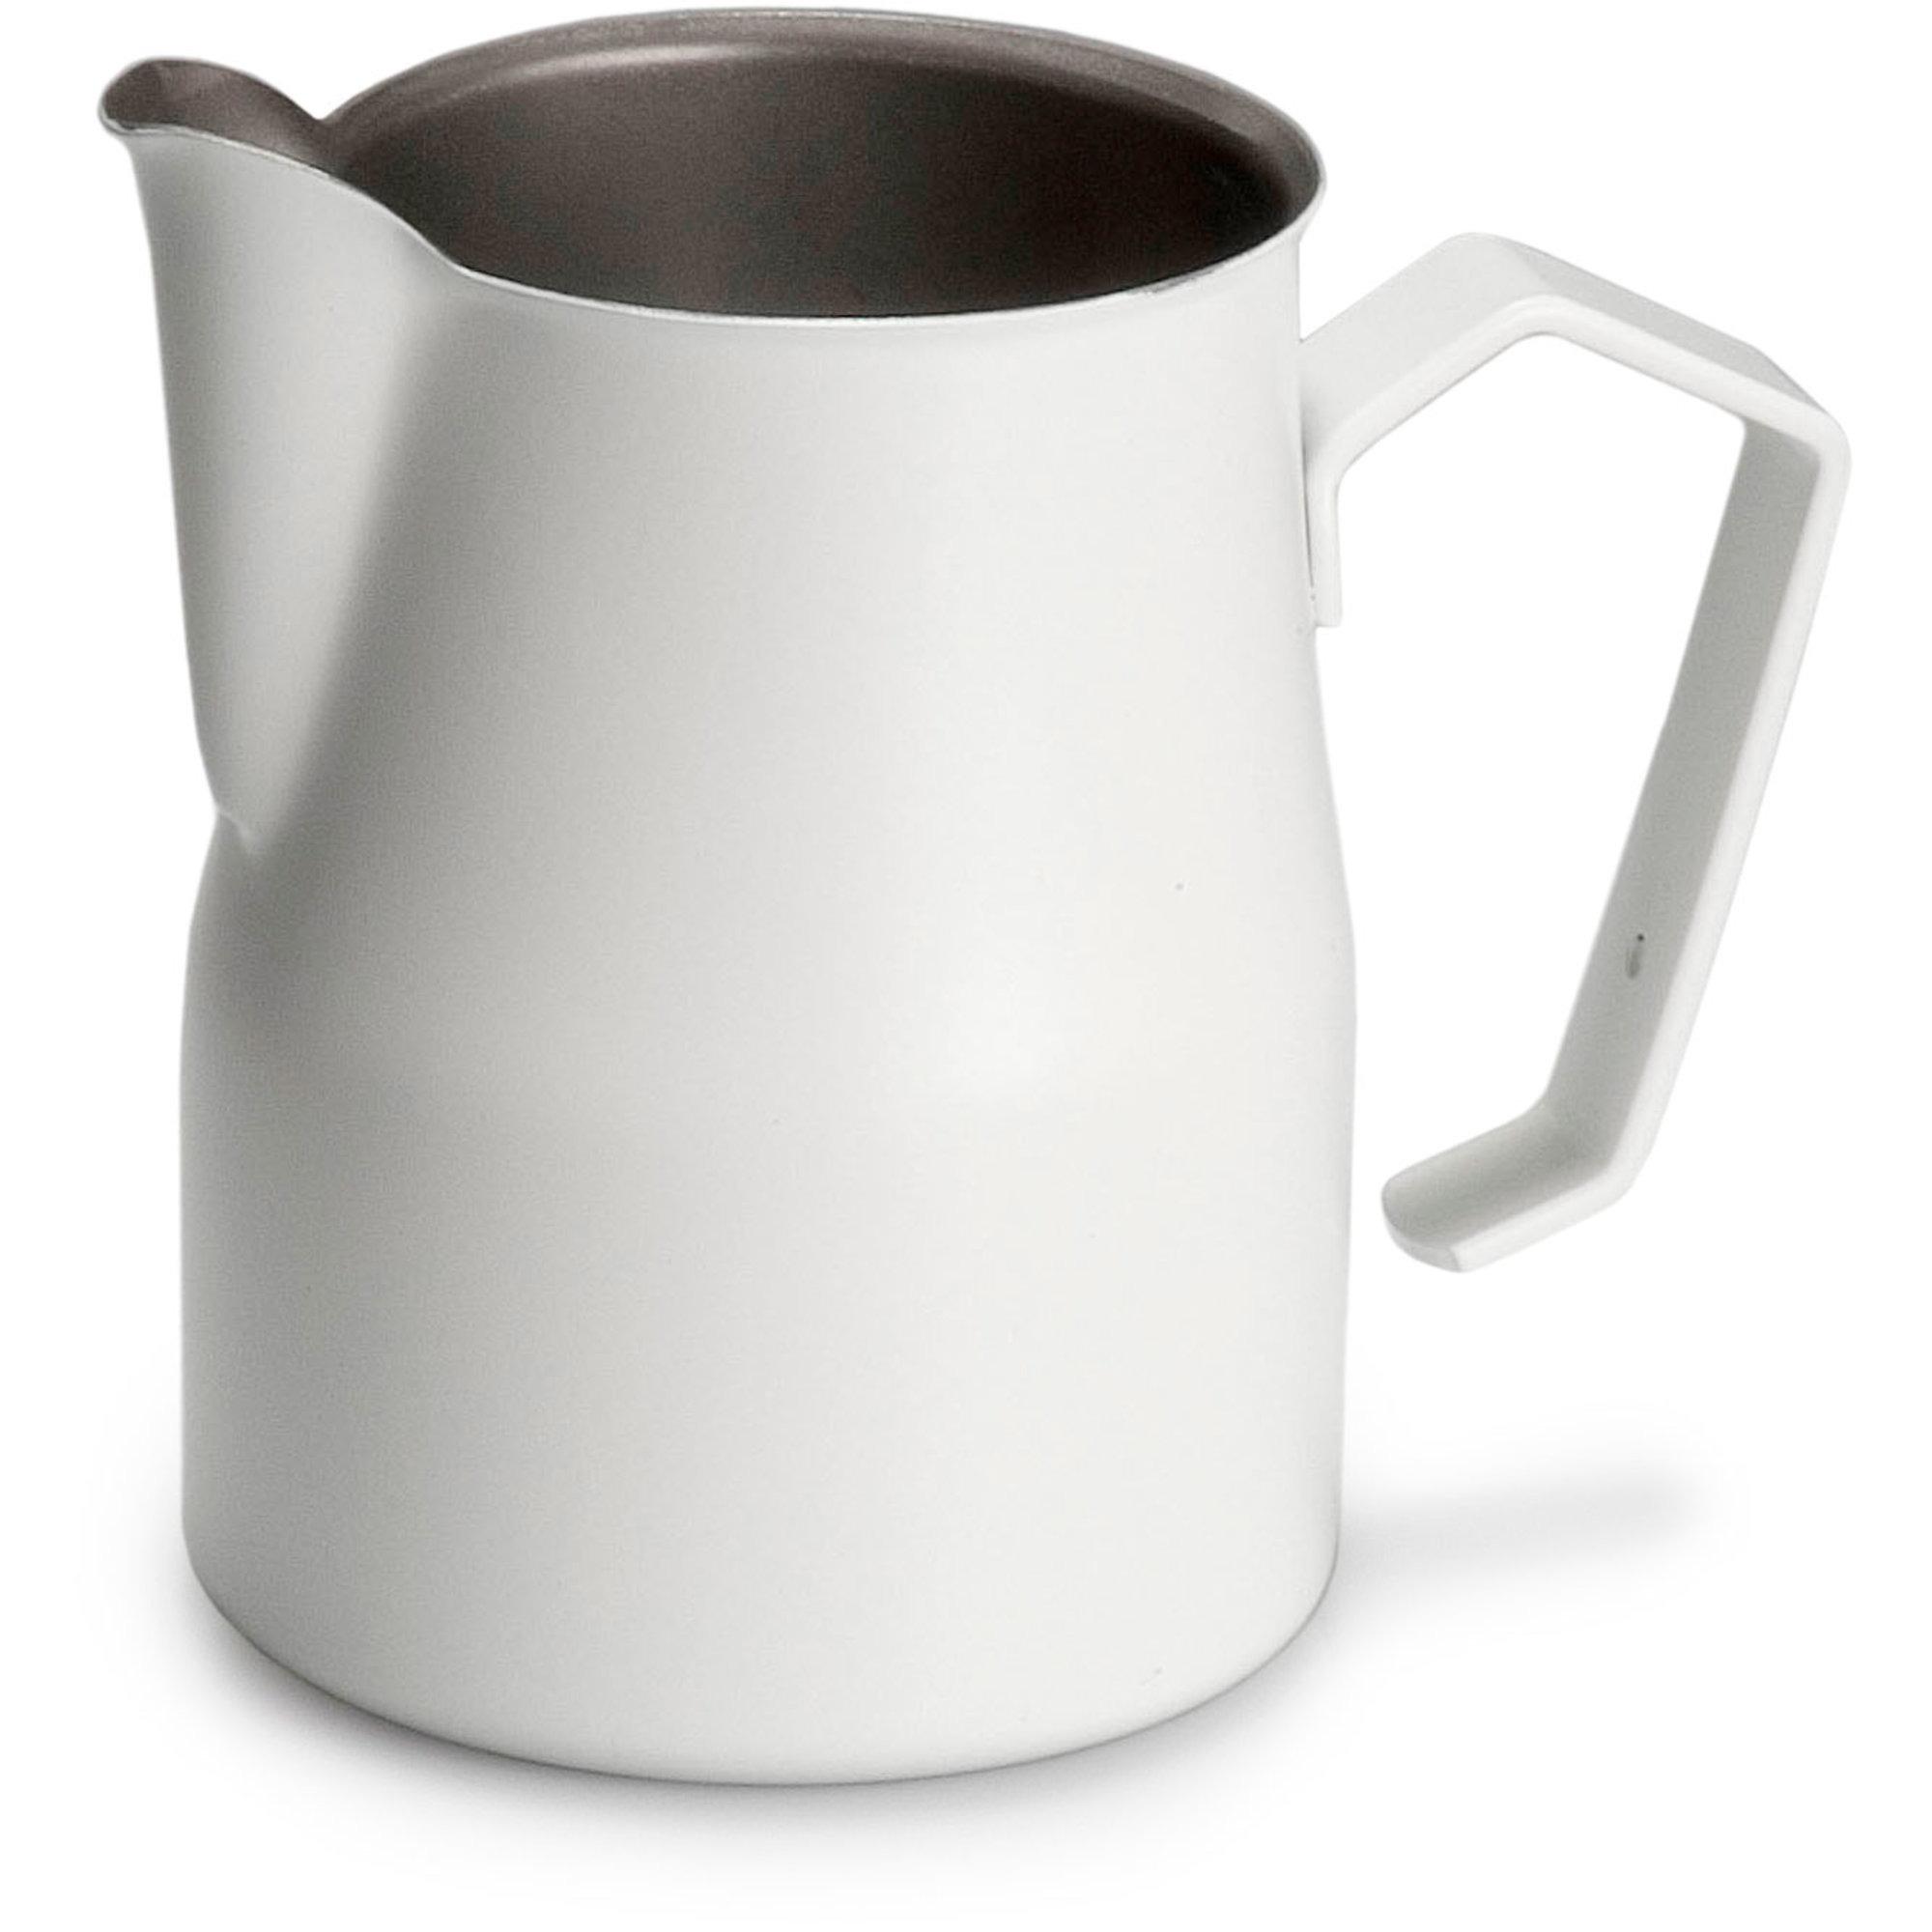 Motta Barista Mjölkkanna 035 L